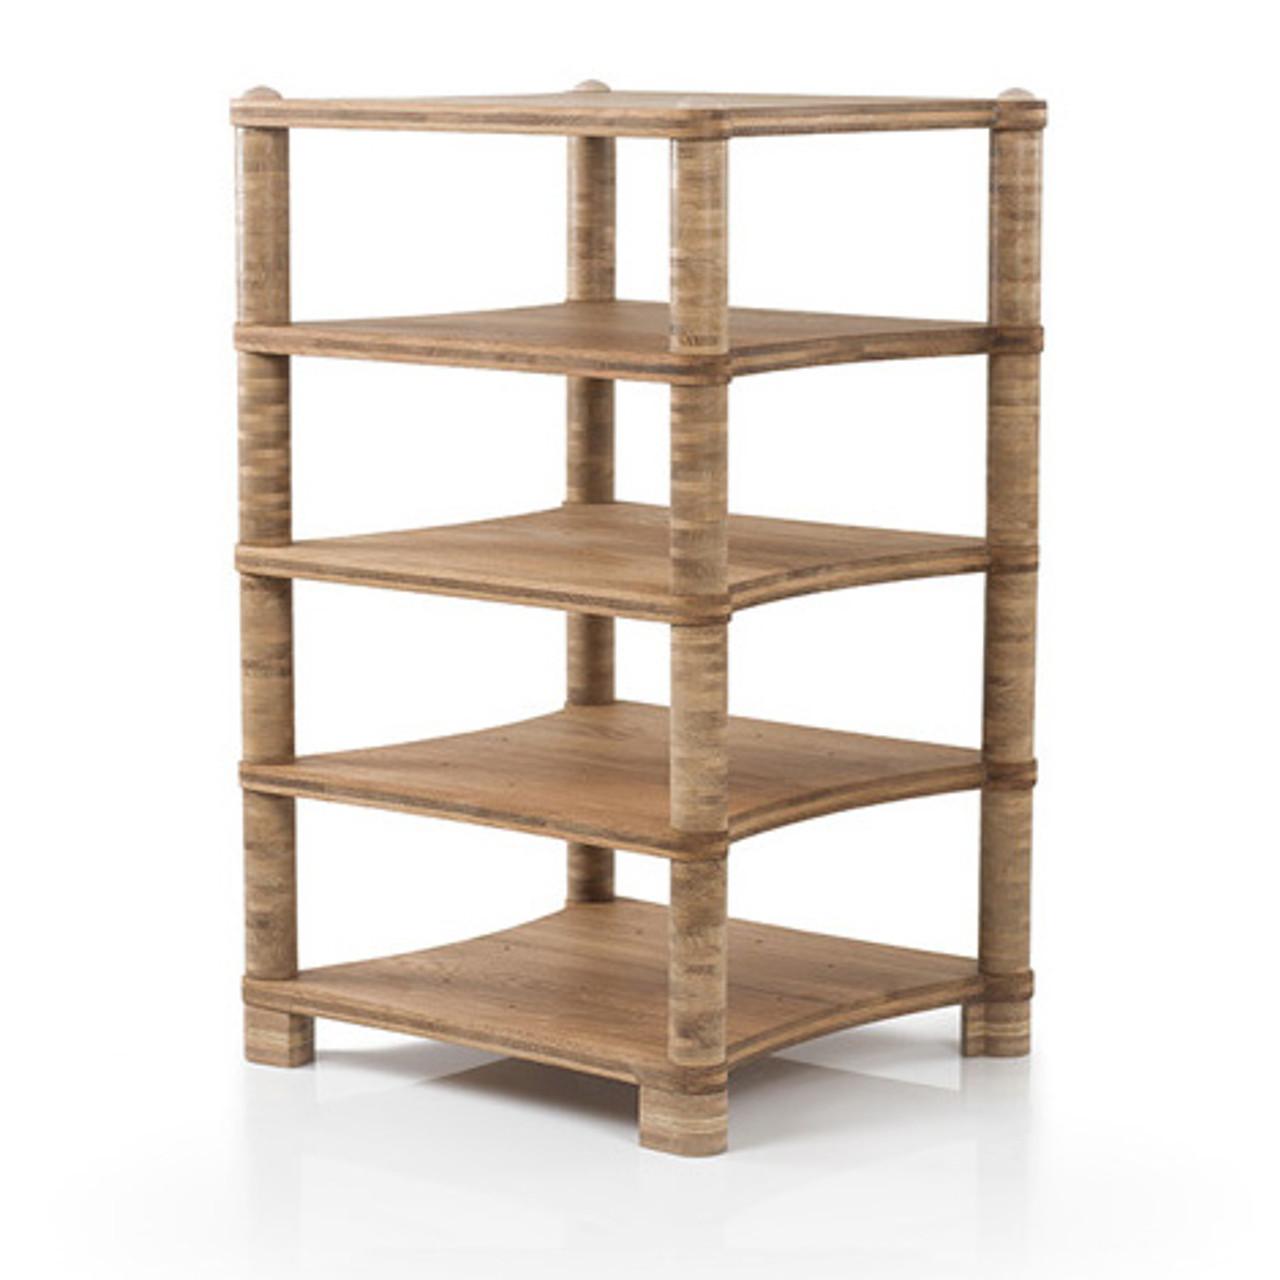 Entreq Athena Rack - single column